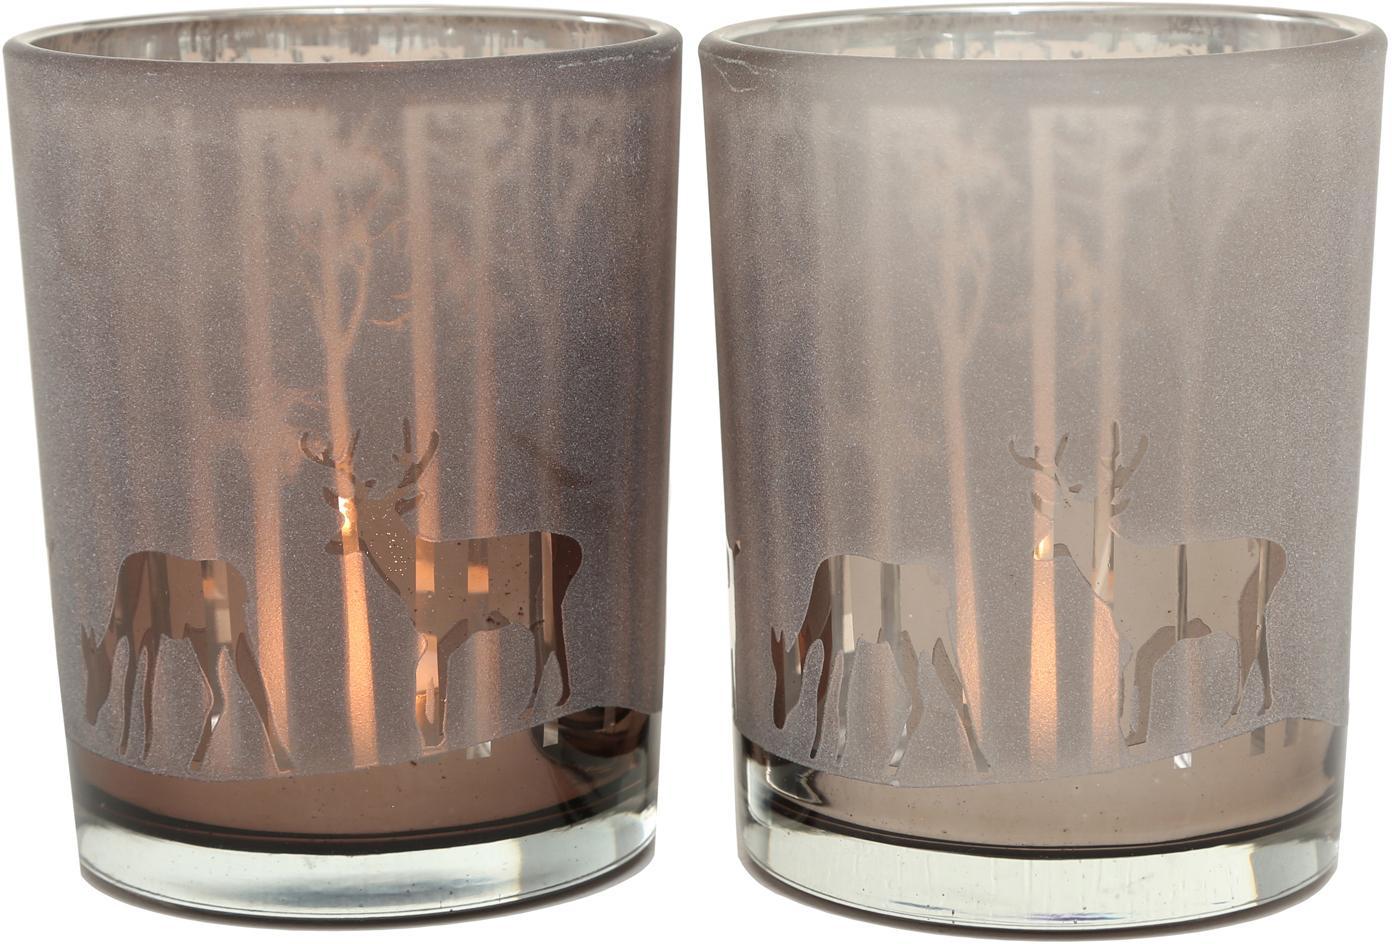 Teelichthalter-Set Colorado, 2-tlg., Glas, lackiert, Dunkelbeige, Taupe, Ø 10 x H 12 cm